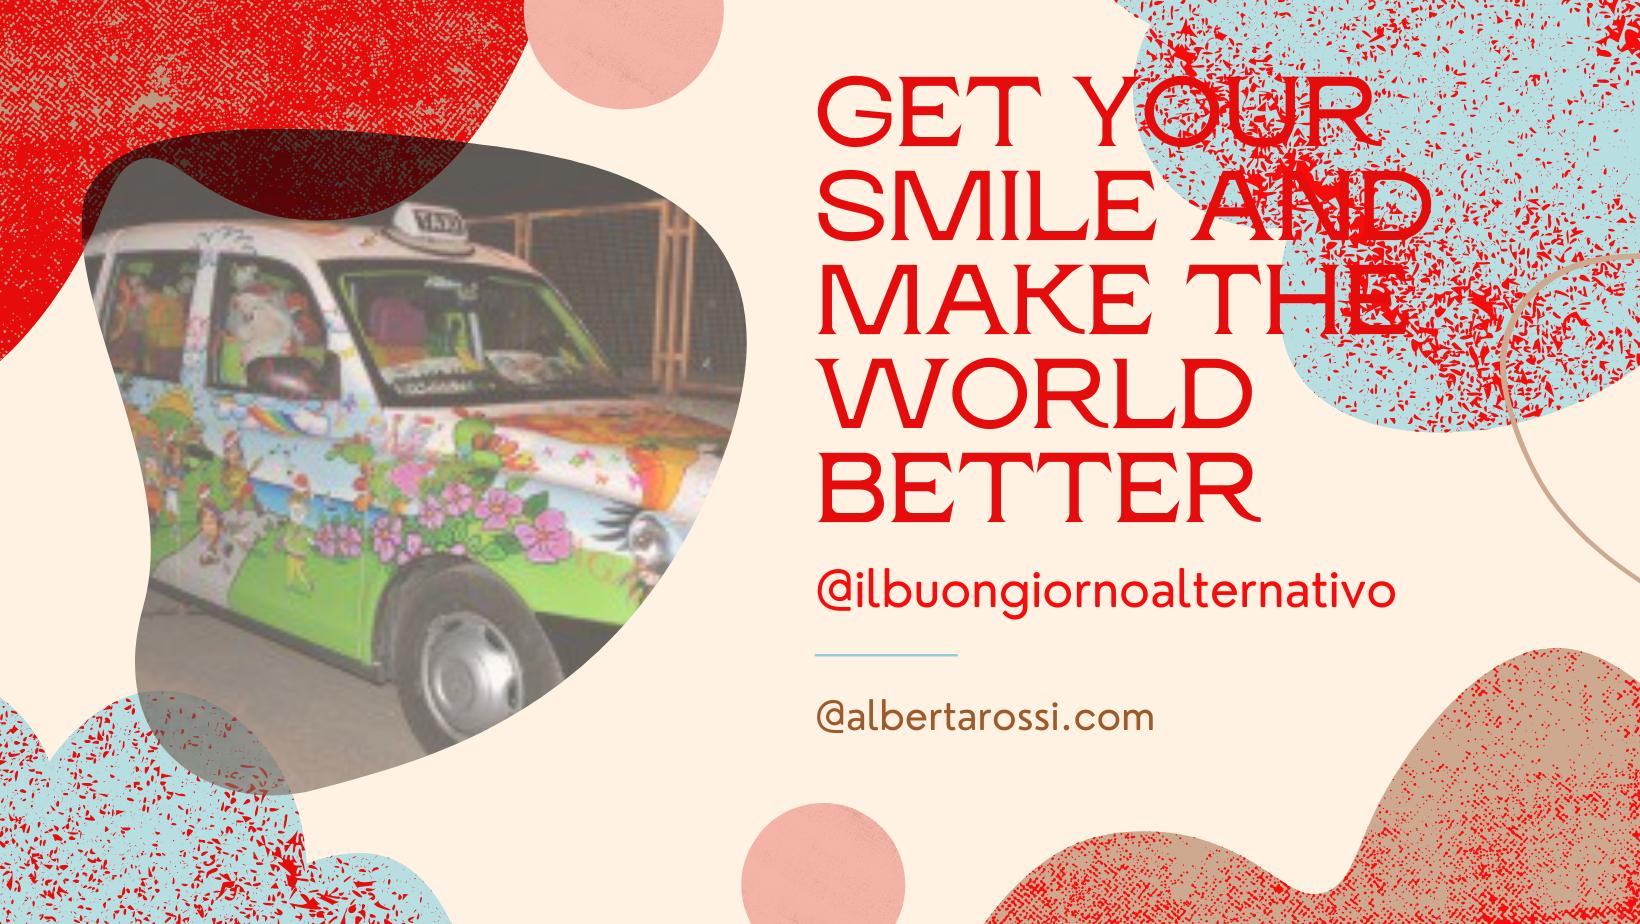 Prendi un tuo sorriso e fa migliore il mondo